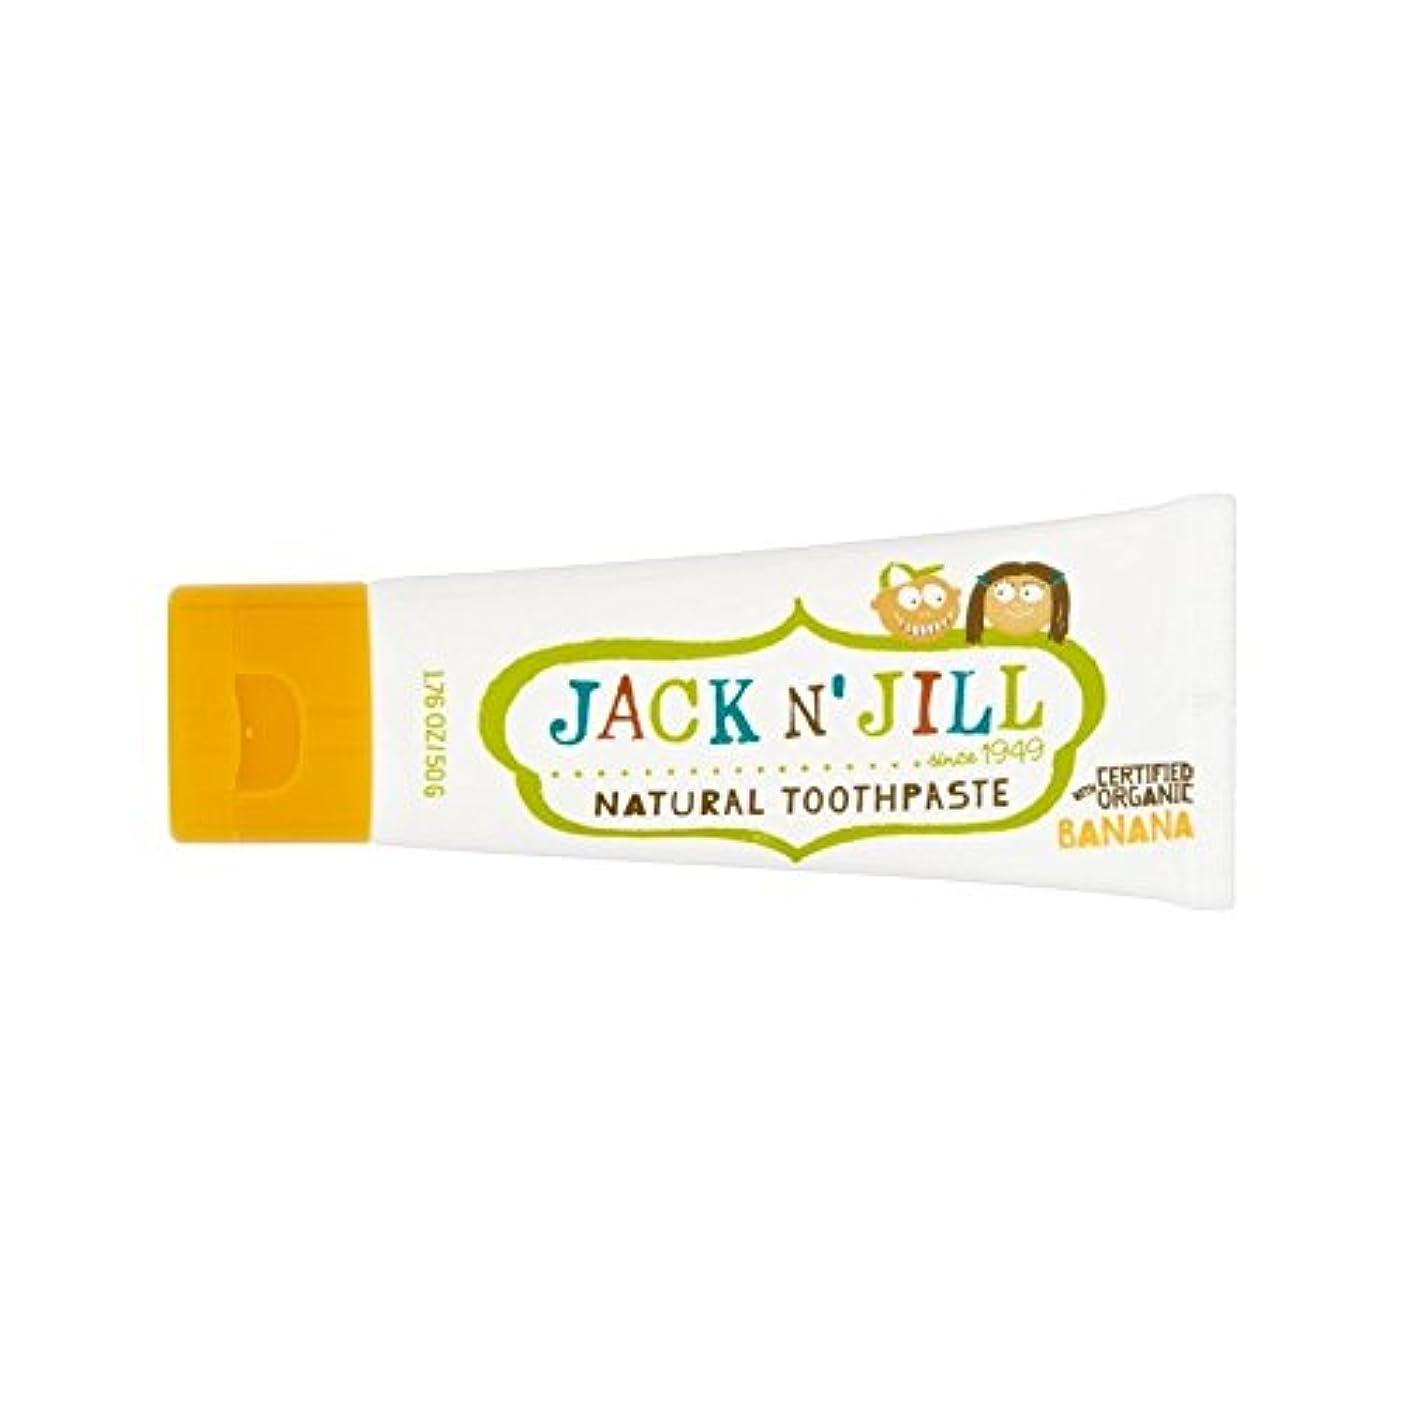 満足させる誤解するしなければならない有機香味50グラムと自然バナナ歯磨き粉 (Jack N Jill) - Jack N' Jill Banana Toothpaste Natural with Organic Flavouring 50g [並行輸入品]